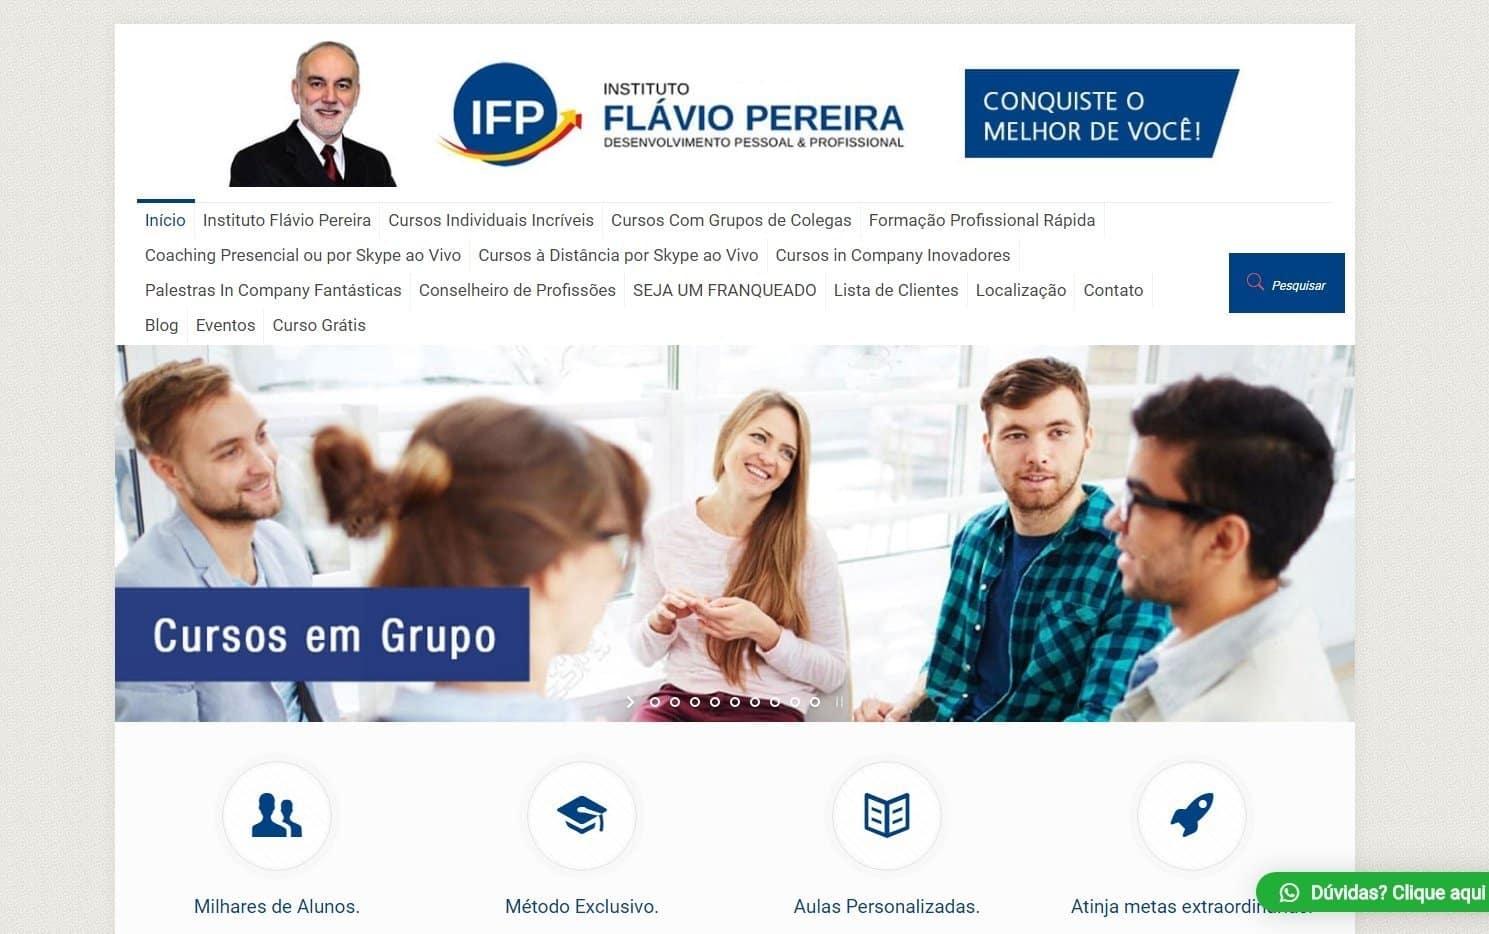 Flavio Pereira Psicologo